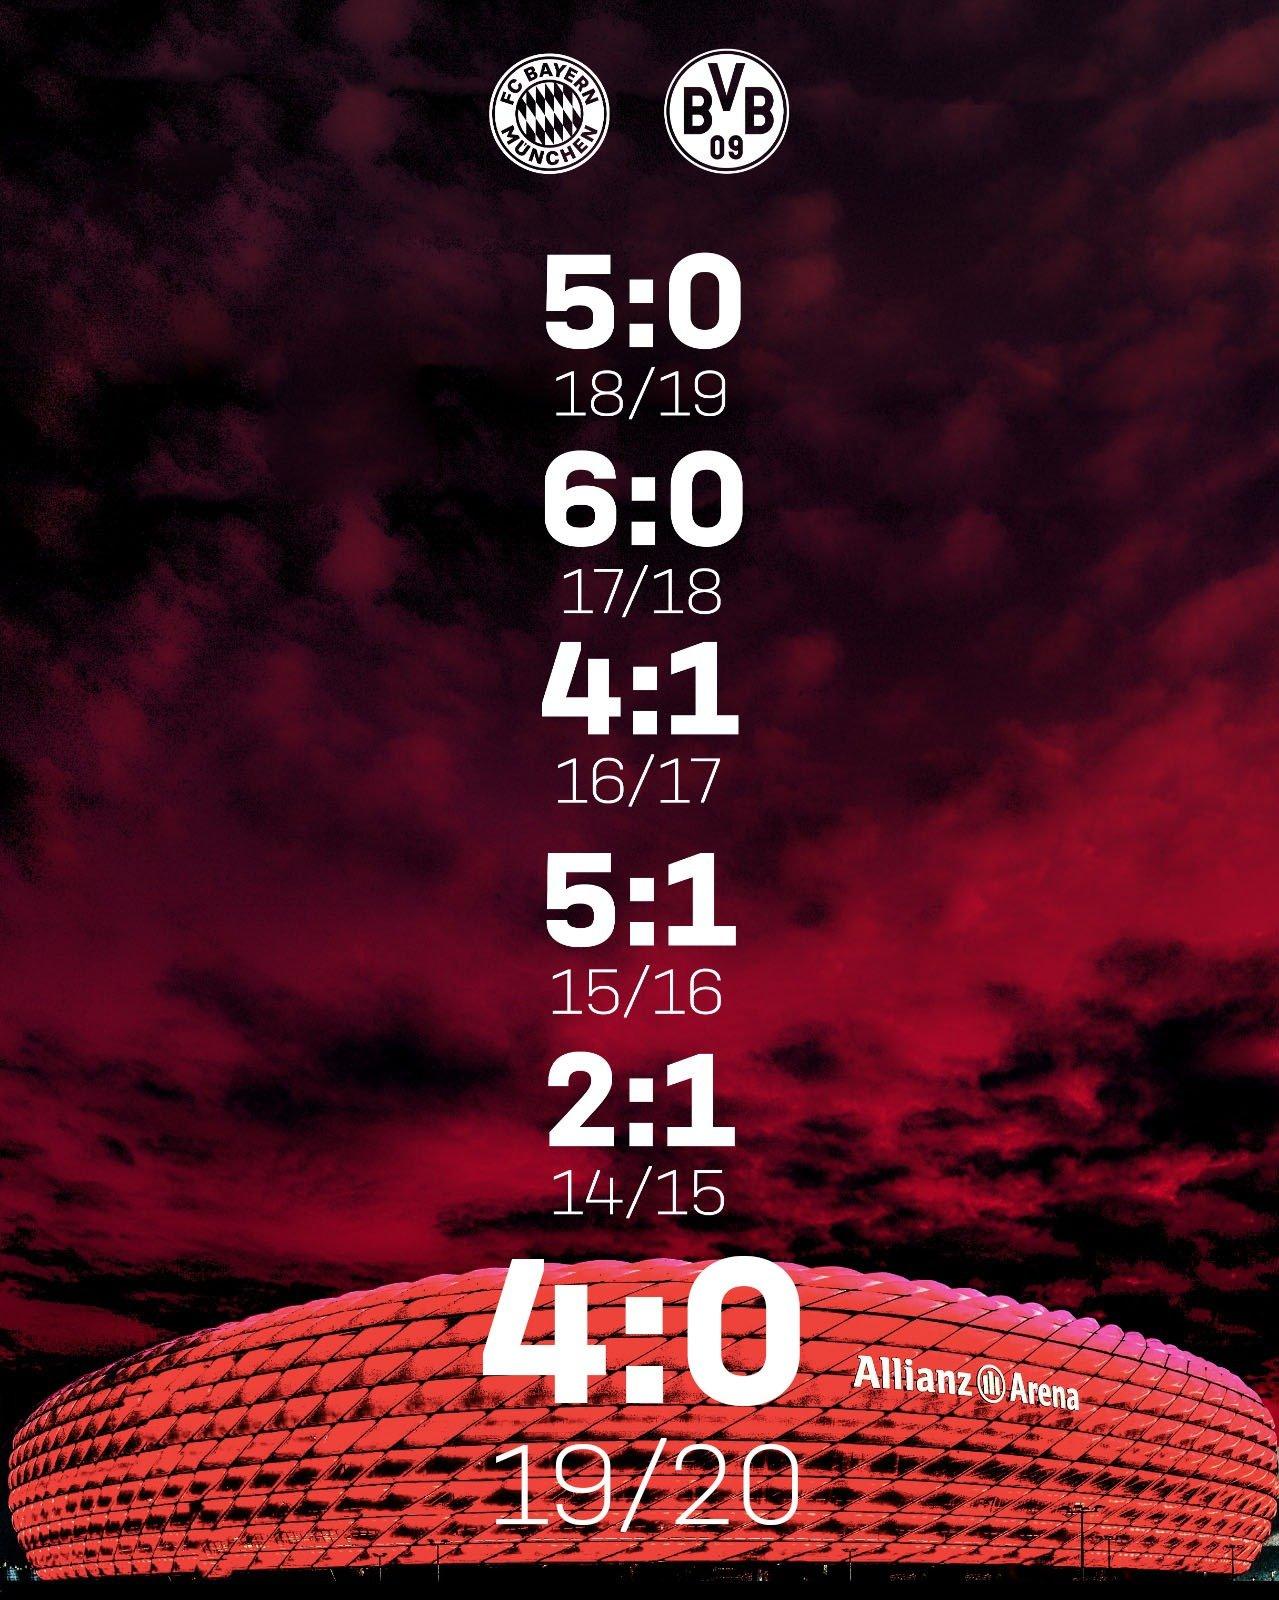 最低消费!拜仁近5年德甲主场进多特24球,最少进4球